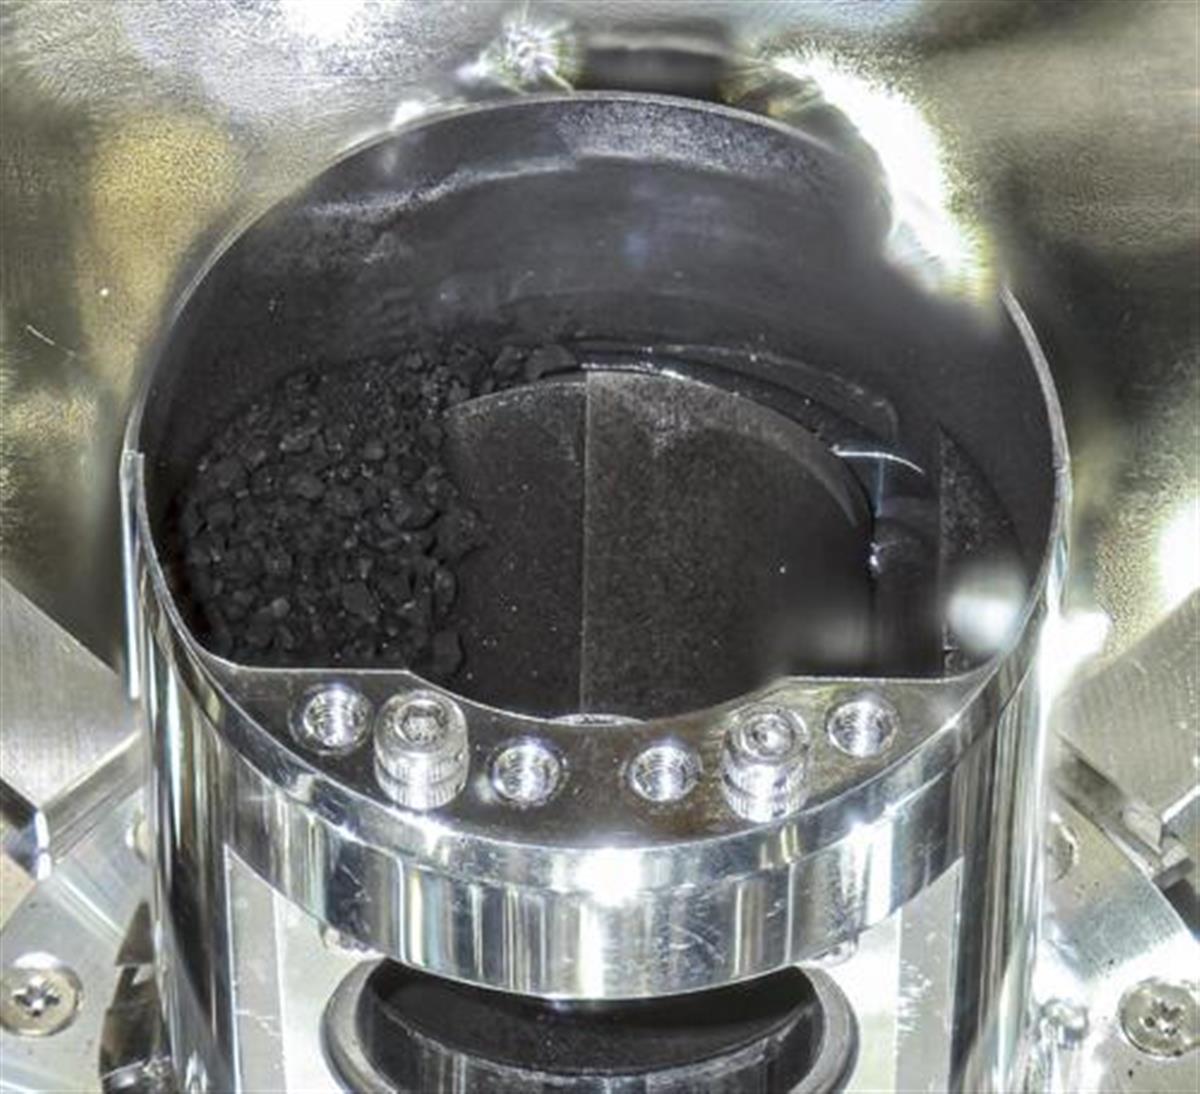 はやぶさ2のカプセルで確認された黒い砂つぶ(矢印)(JAXA提供)